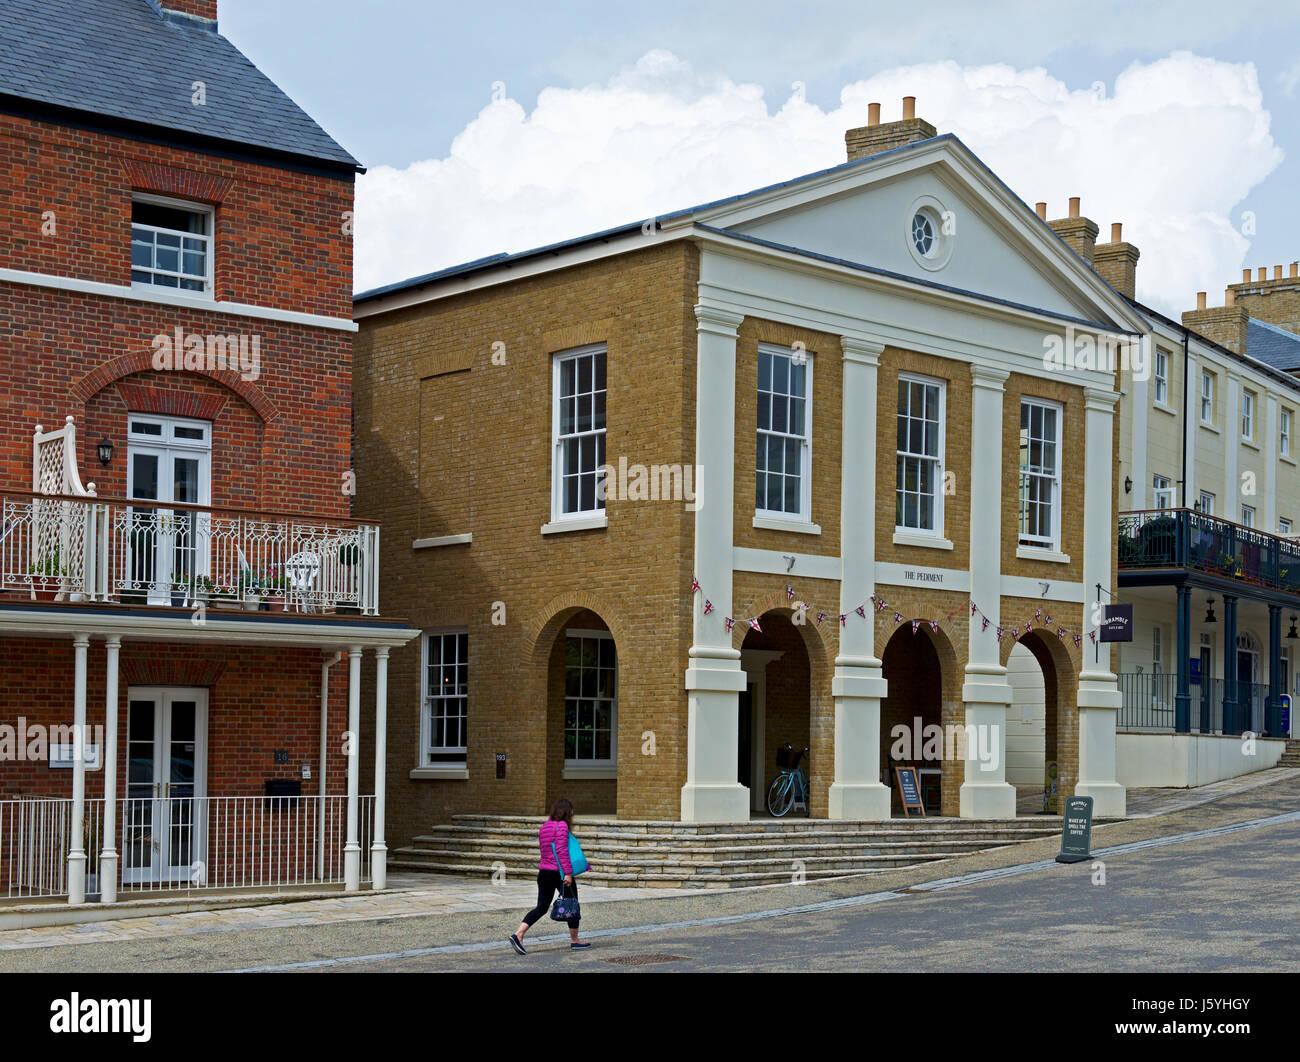 The collectors olivey place mylor bridge nr falmouth cornwall uk - Poundbury Dorset England Uk Stock Image